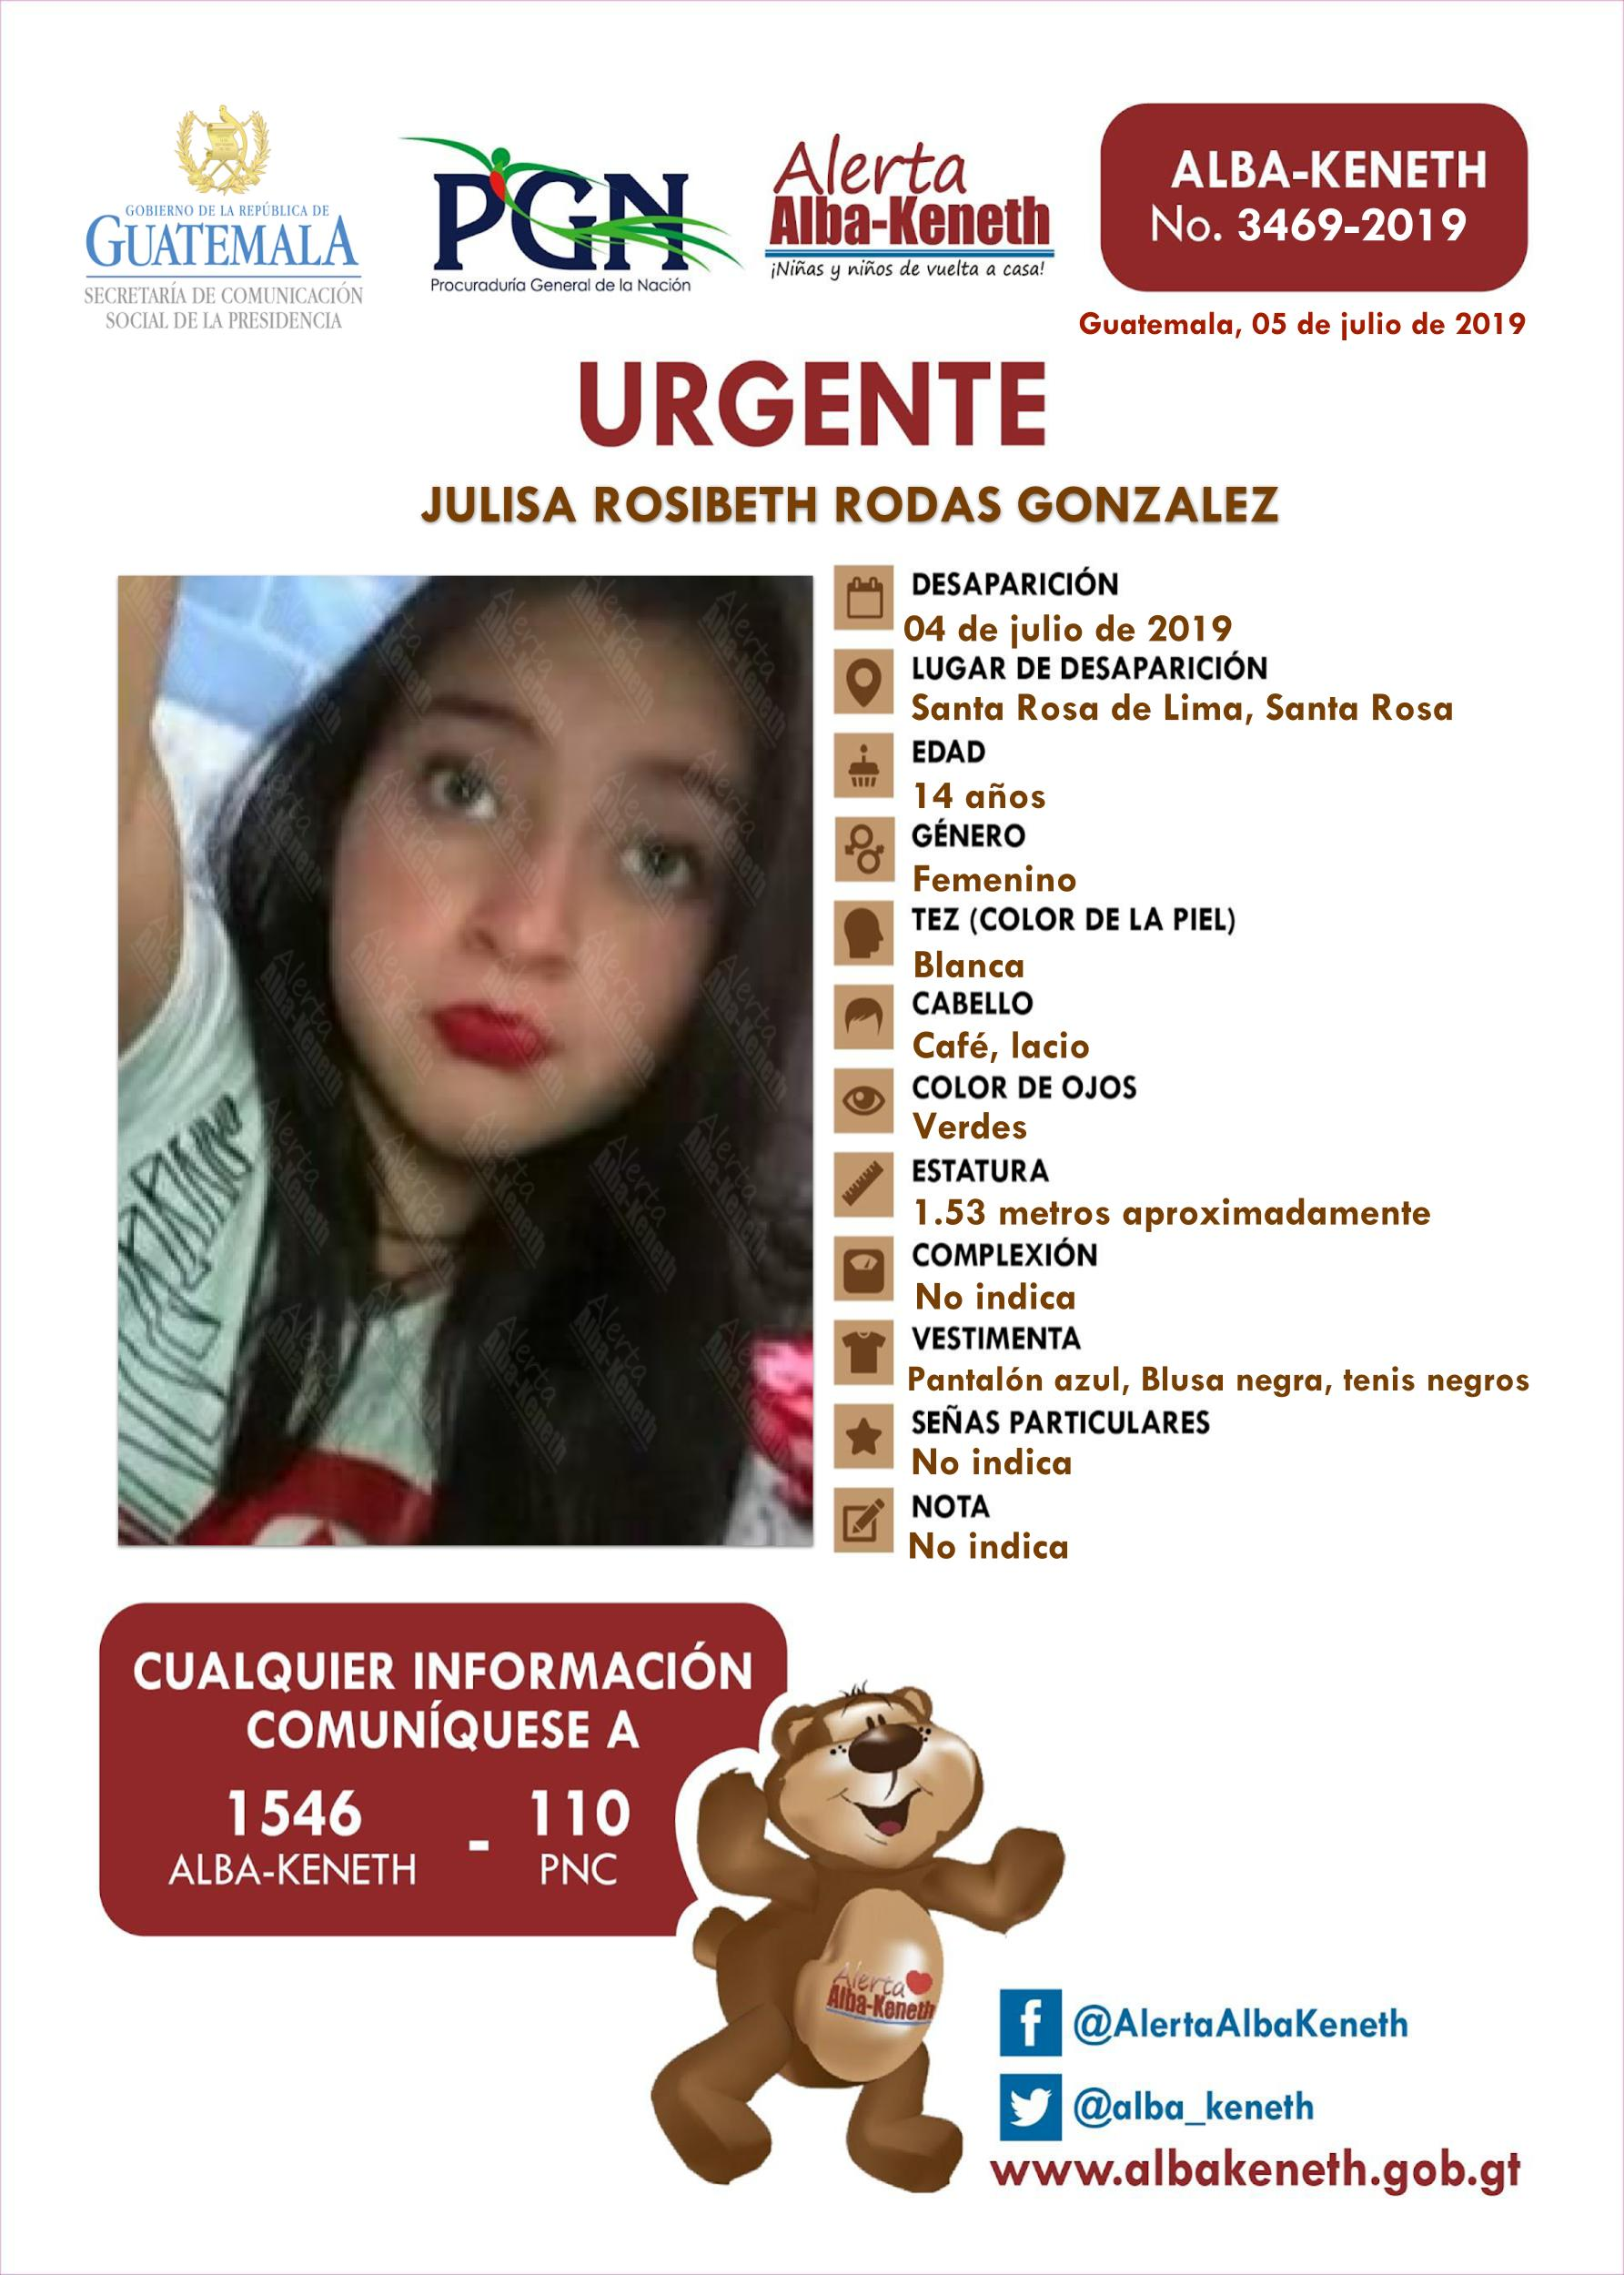 Julisa Rosibeth Rodas Gonzalez